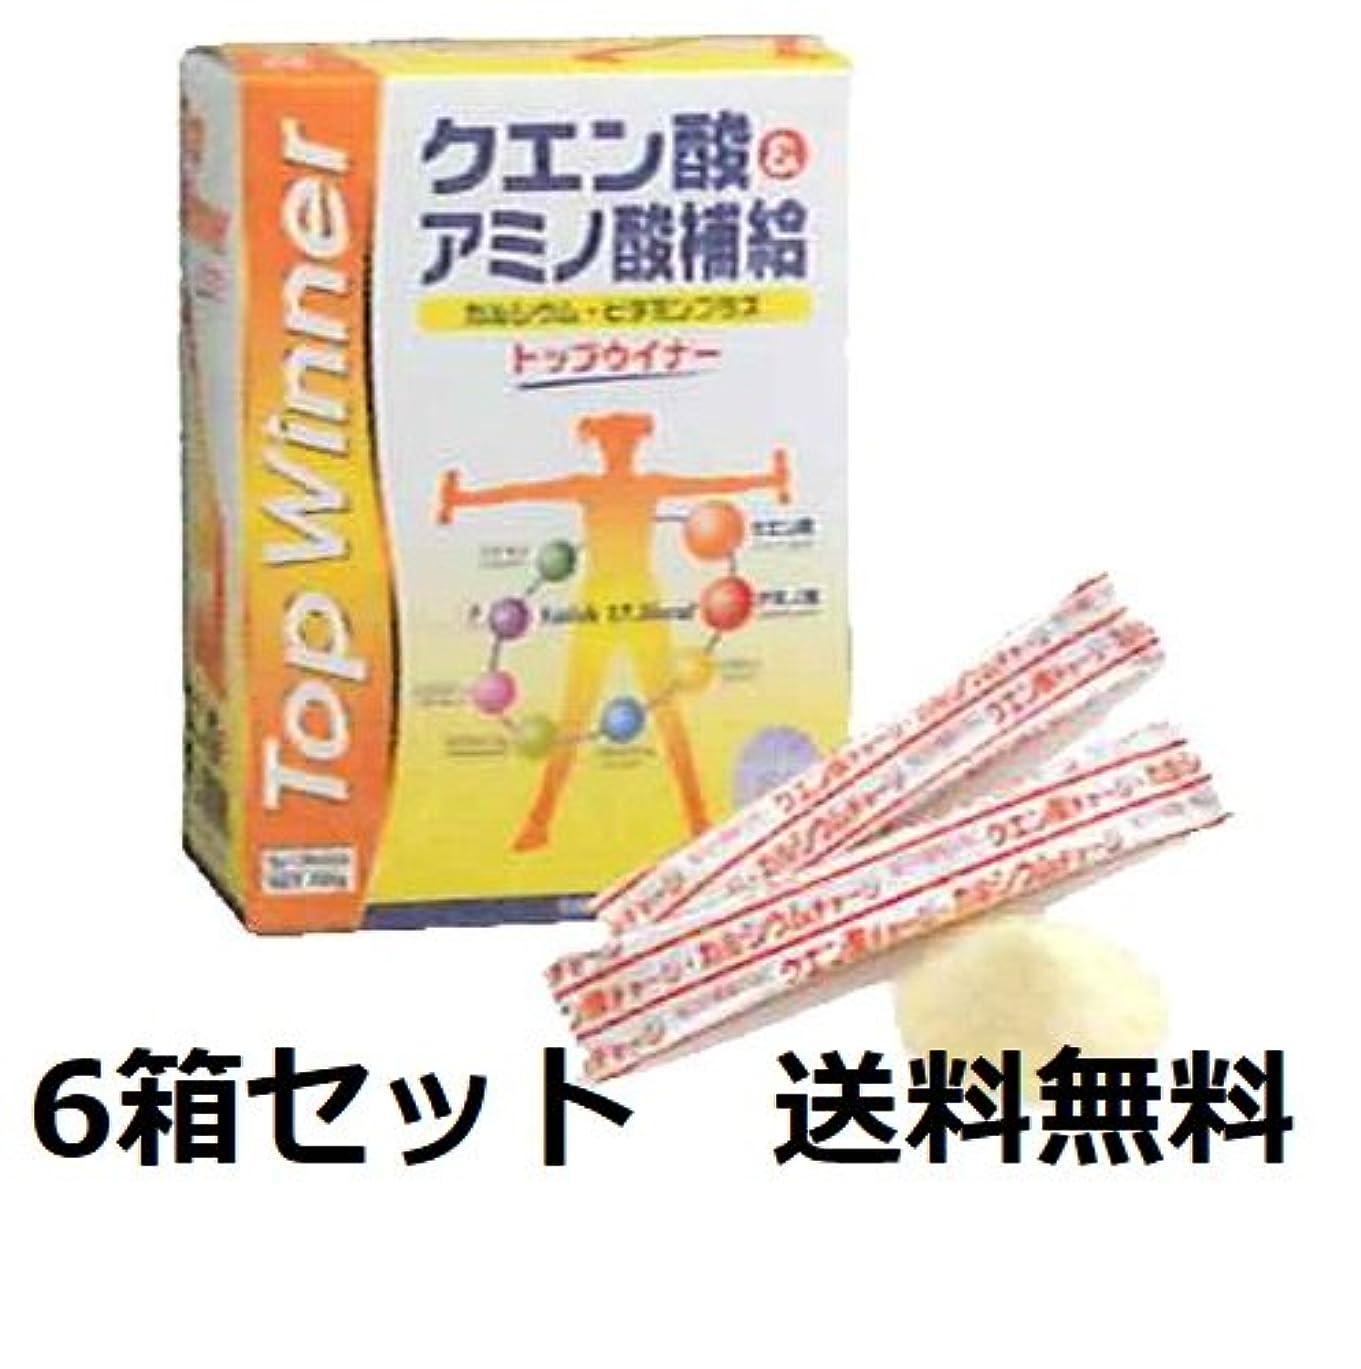 リファインマットレス無力トップウイナー 6箱セット アミノ酸?クエン酸飲料 5g×30本入(150g)×6箱